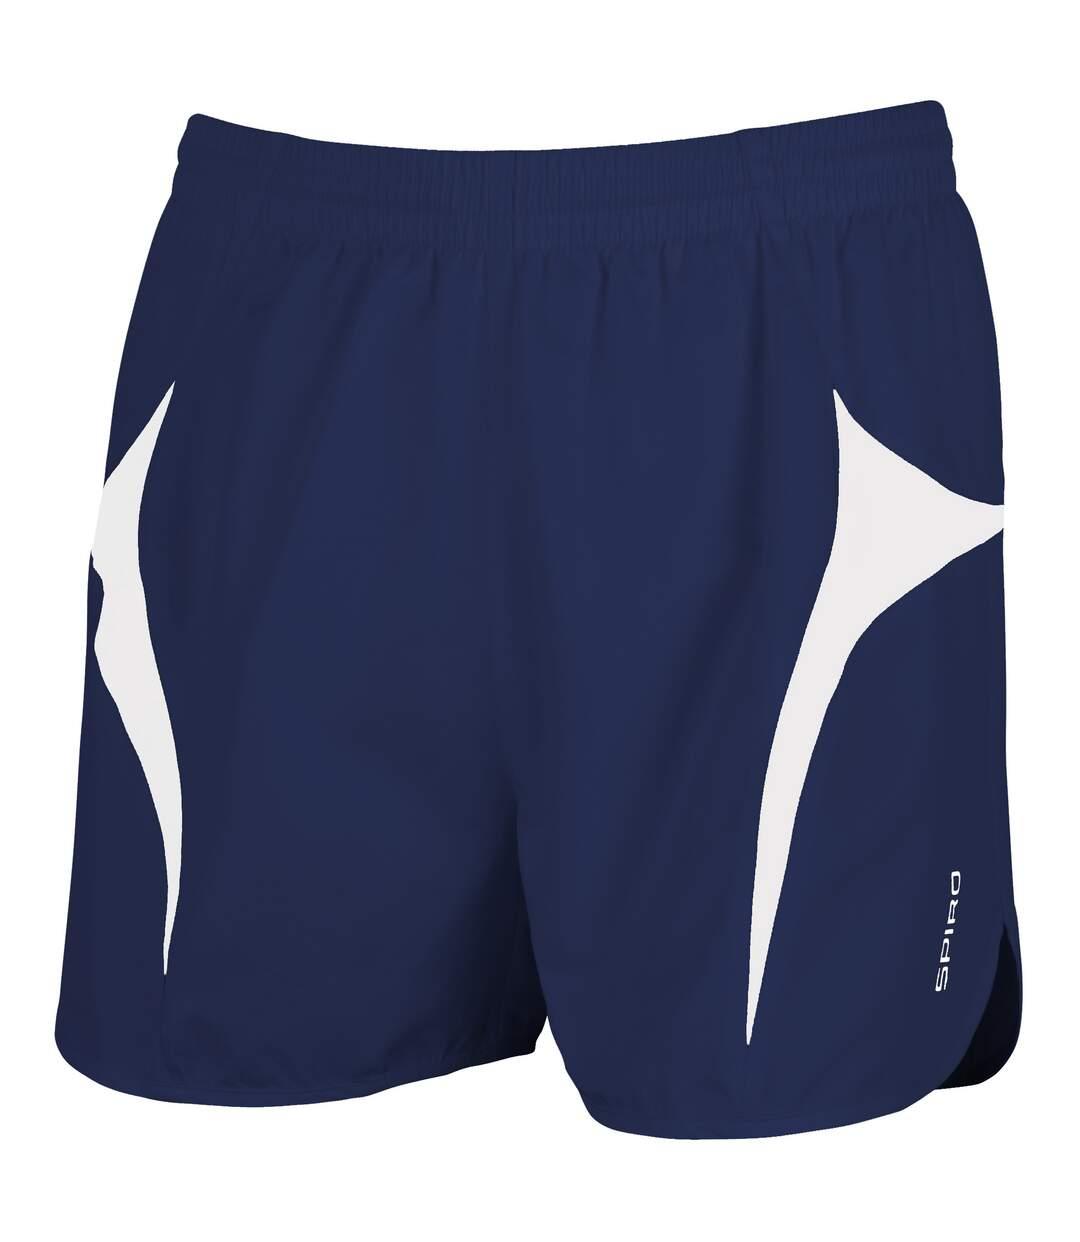 Spiro Mens Sports Micro-Lite Running Shorts (Black/Red) - UTRW1477